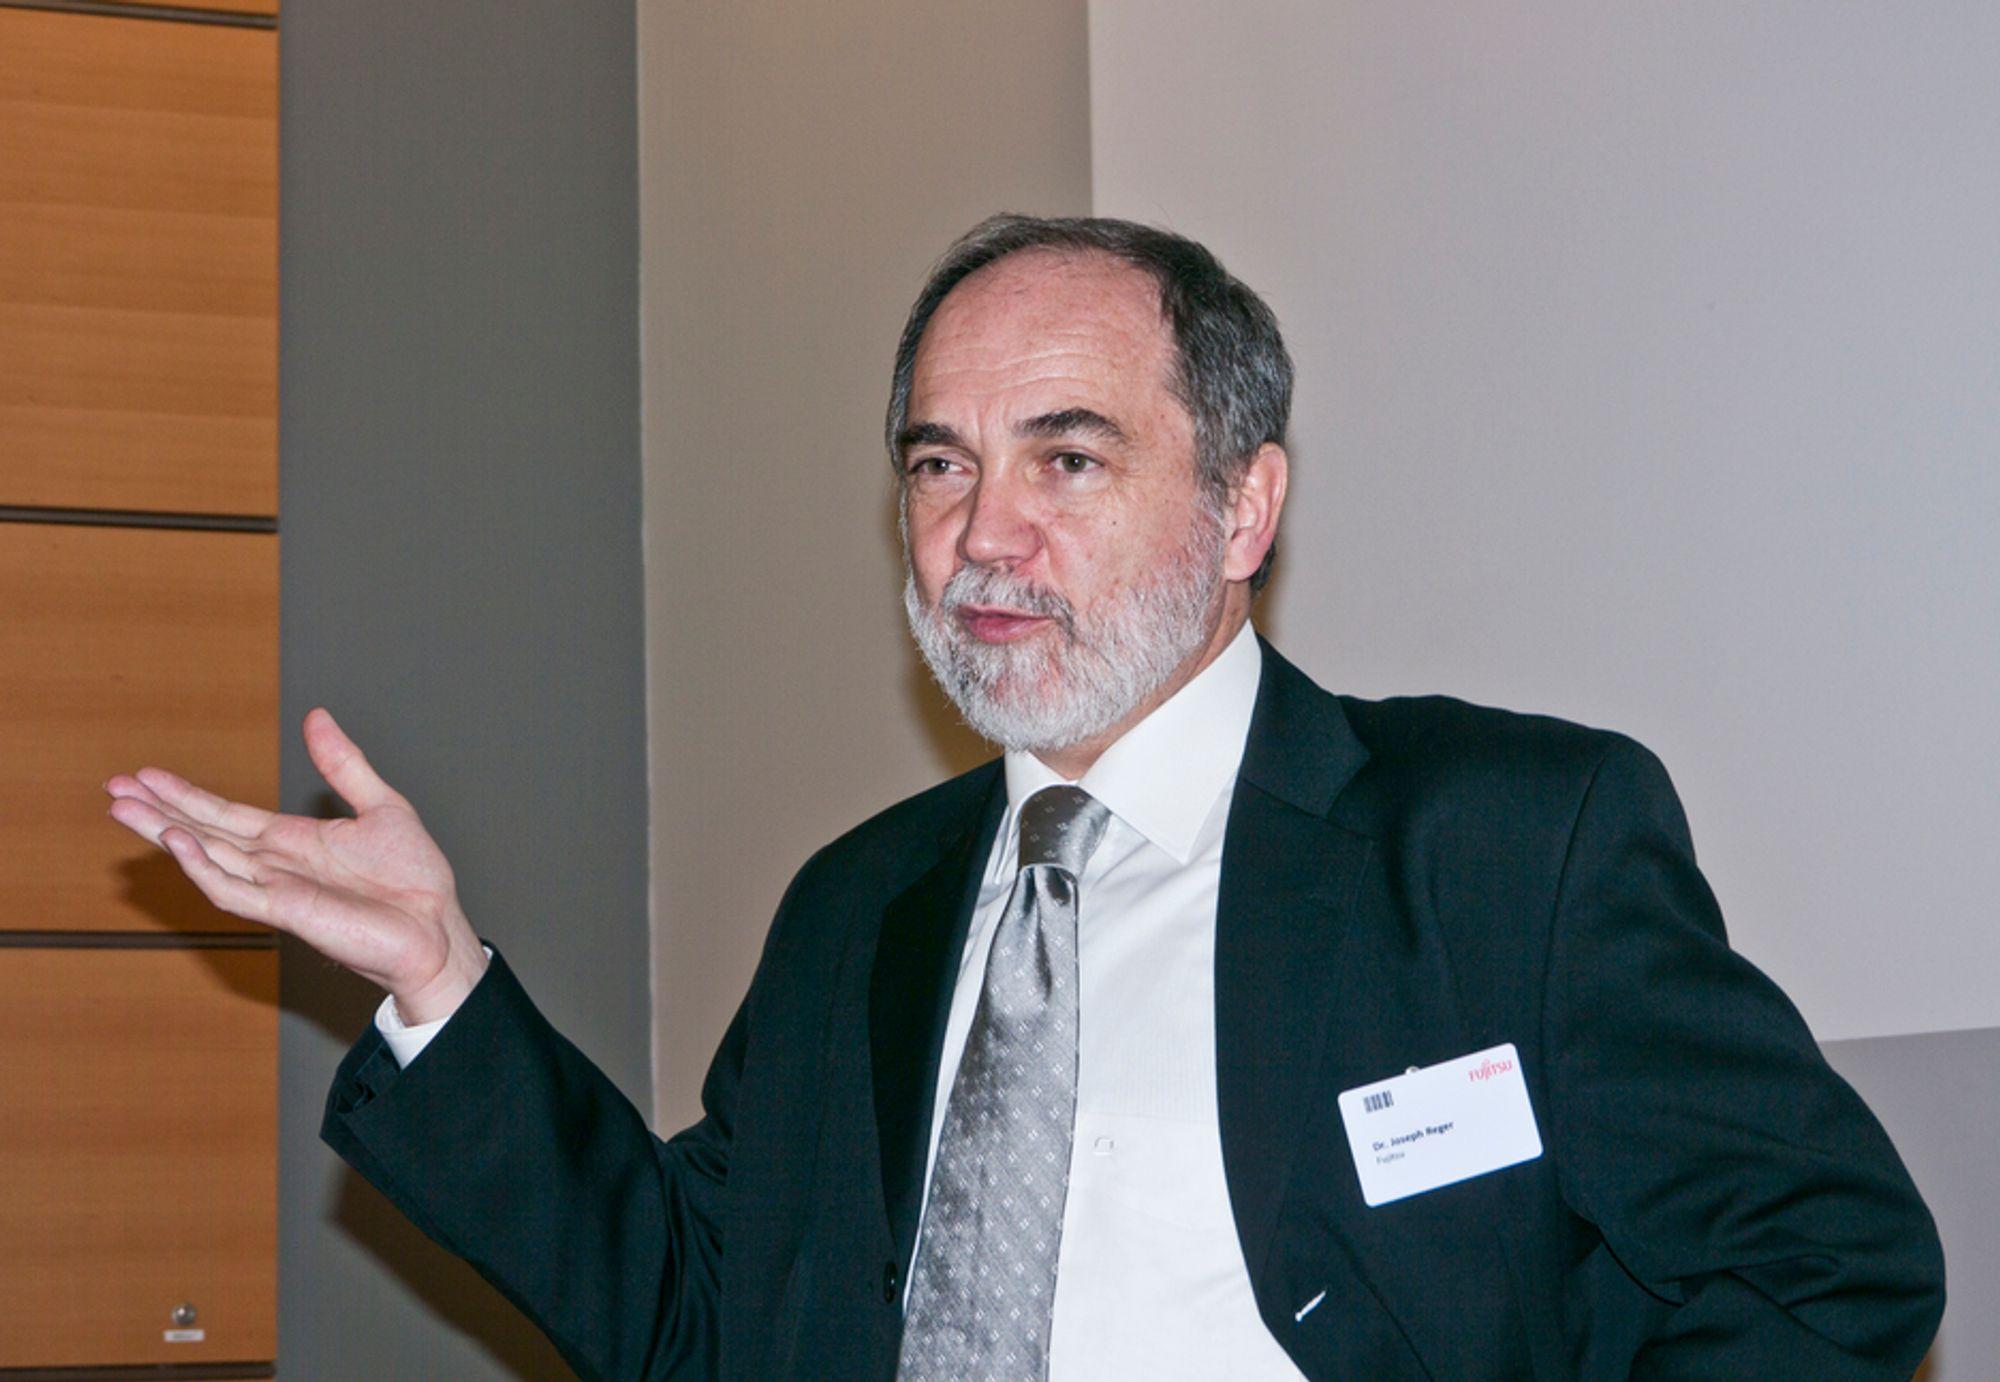 IKKE SKYFRITT: Store juridiske hindringer står i veien for utvikling av cloud computing som et profesjonelt verktøy for næringslivet, ifølge Fujitsus teknologidirektør Joseph Reger.